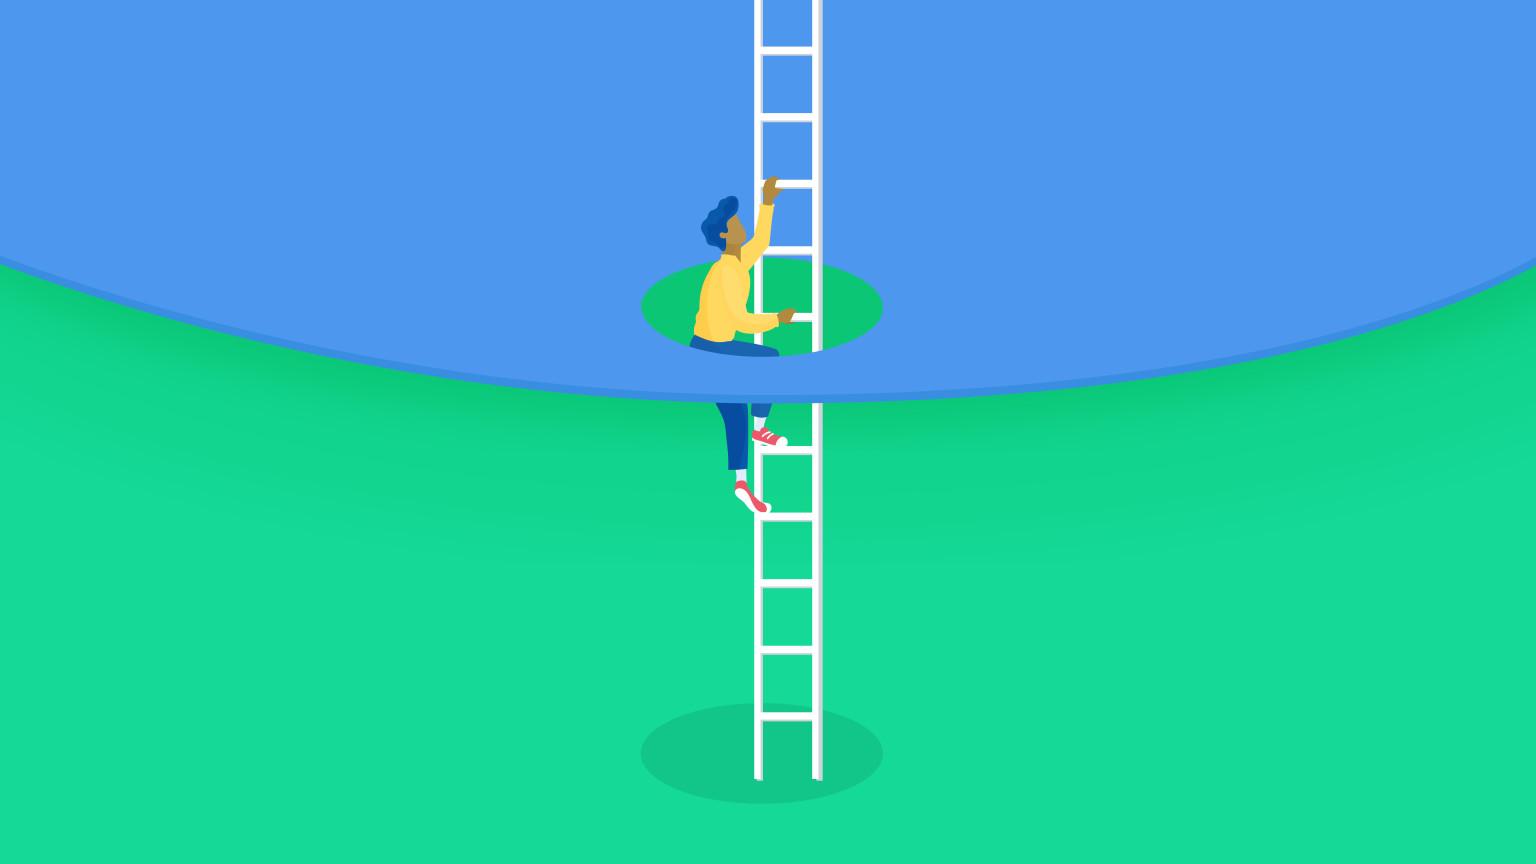 Person clumbing an App Framework ladder to evolving